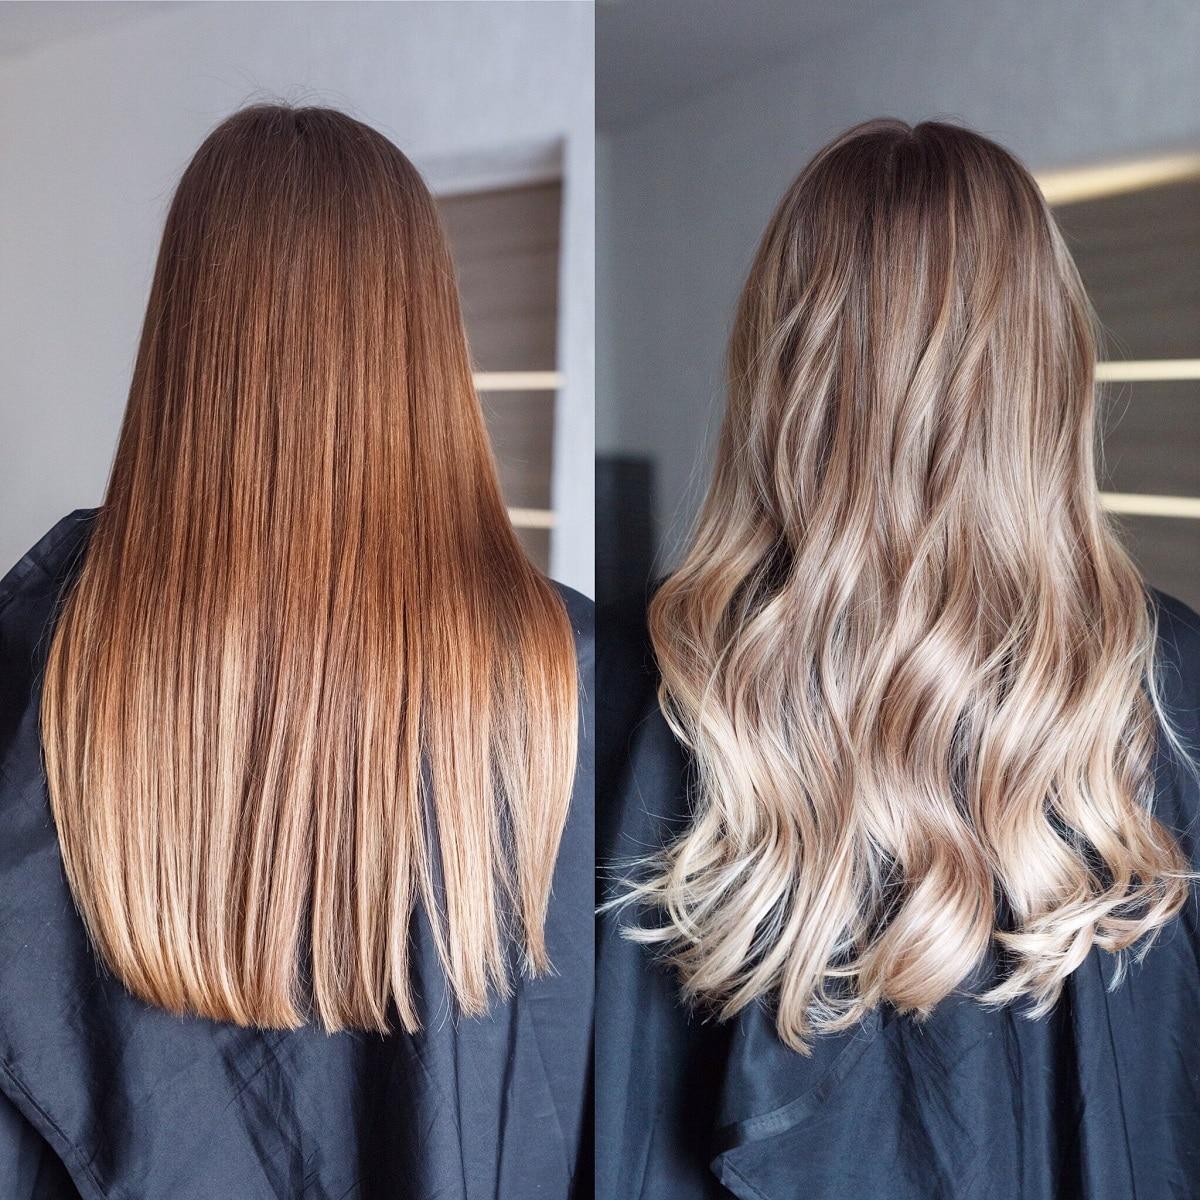 cheveux brun à blond avant après